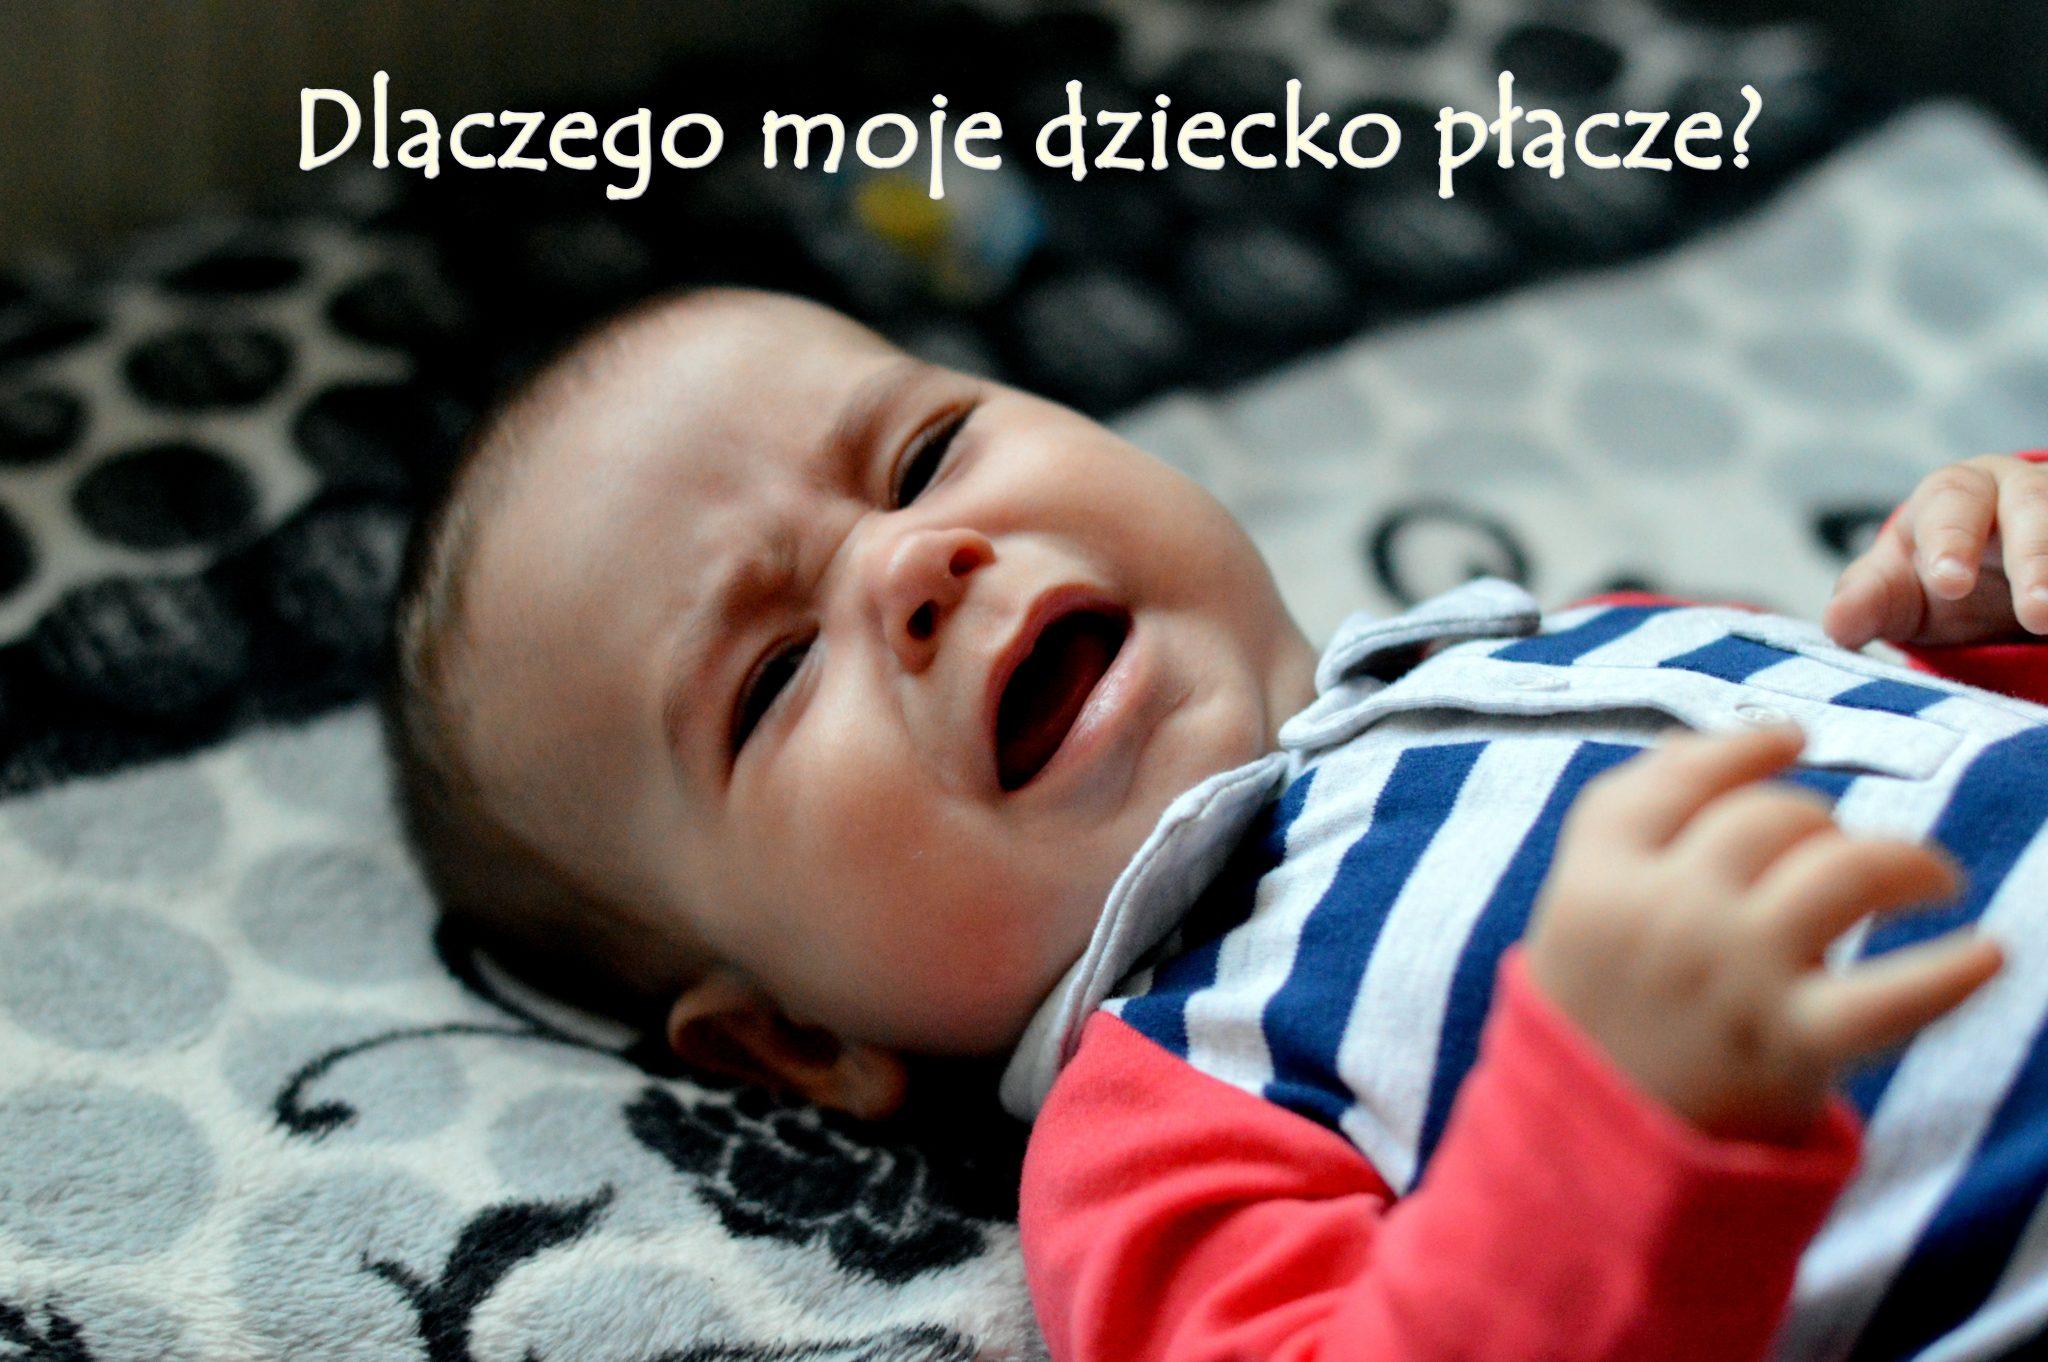 dlaczego niemowle płacze